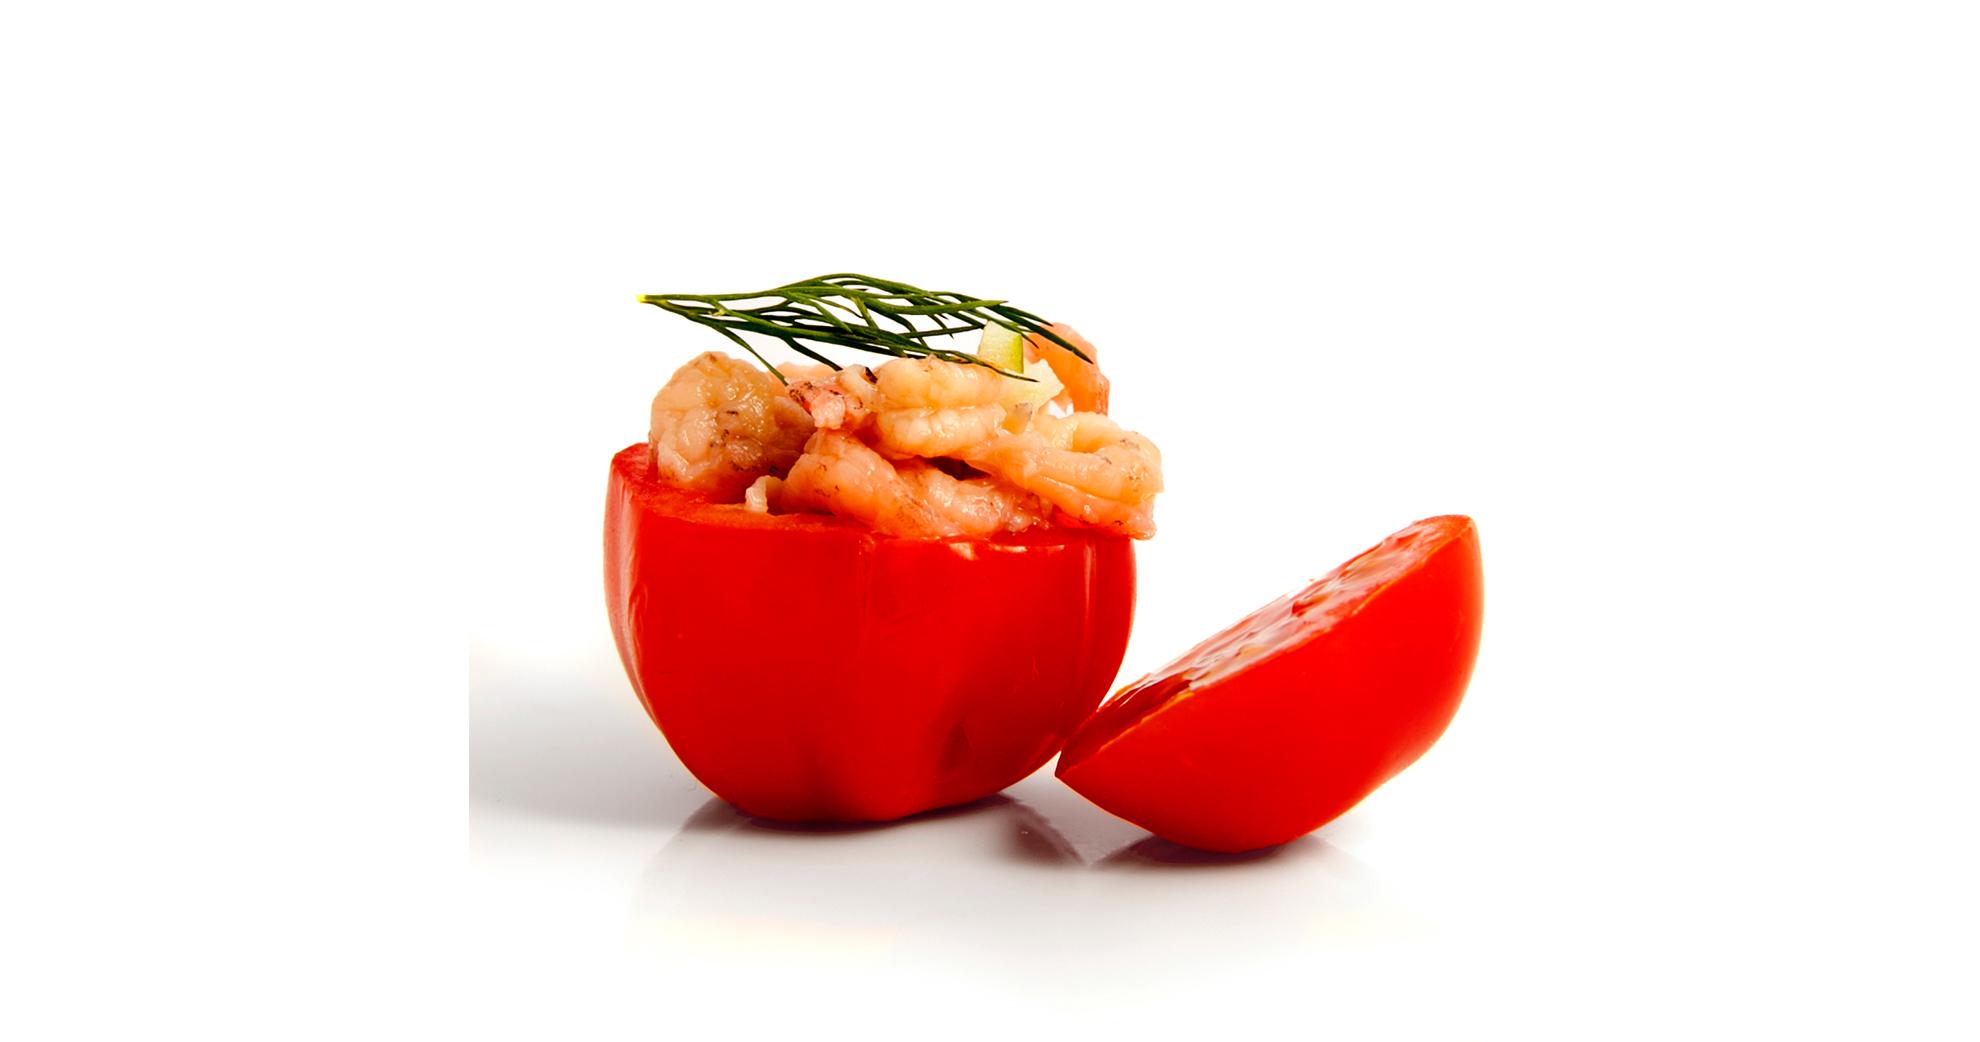 Mini tomaatje